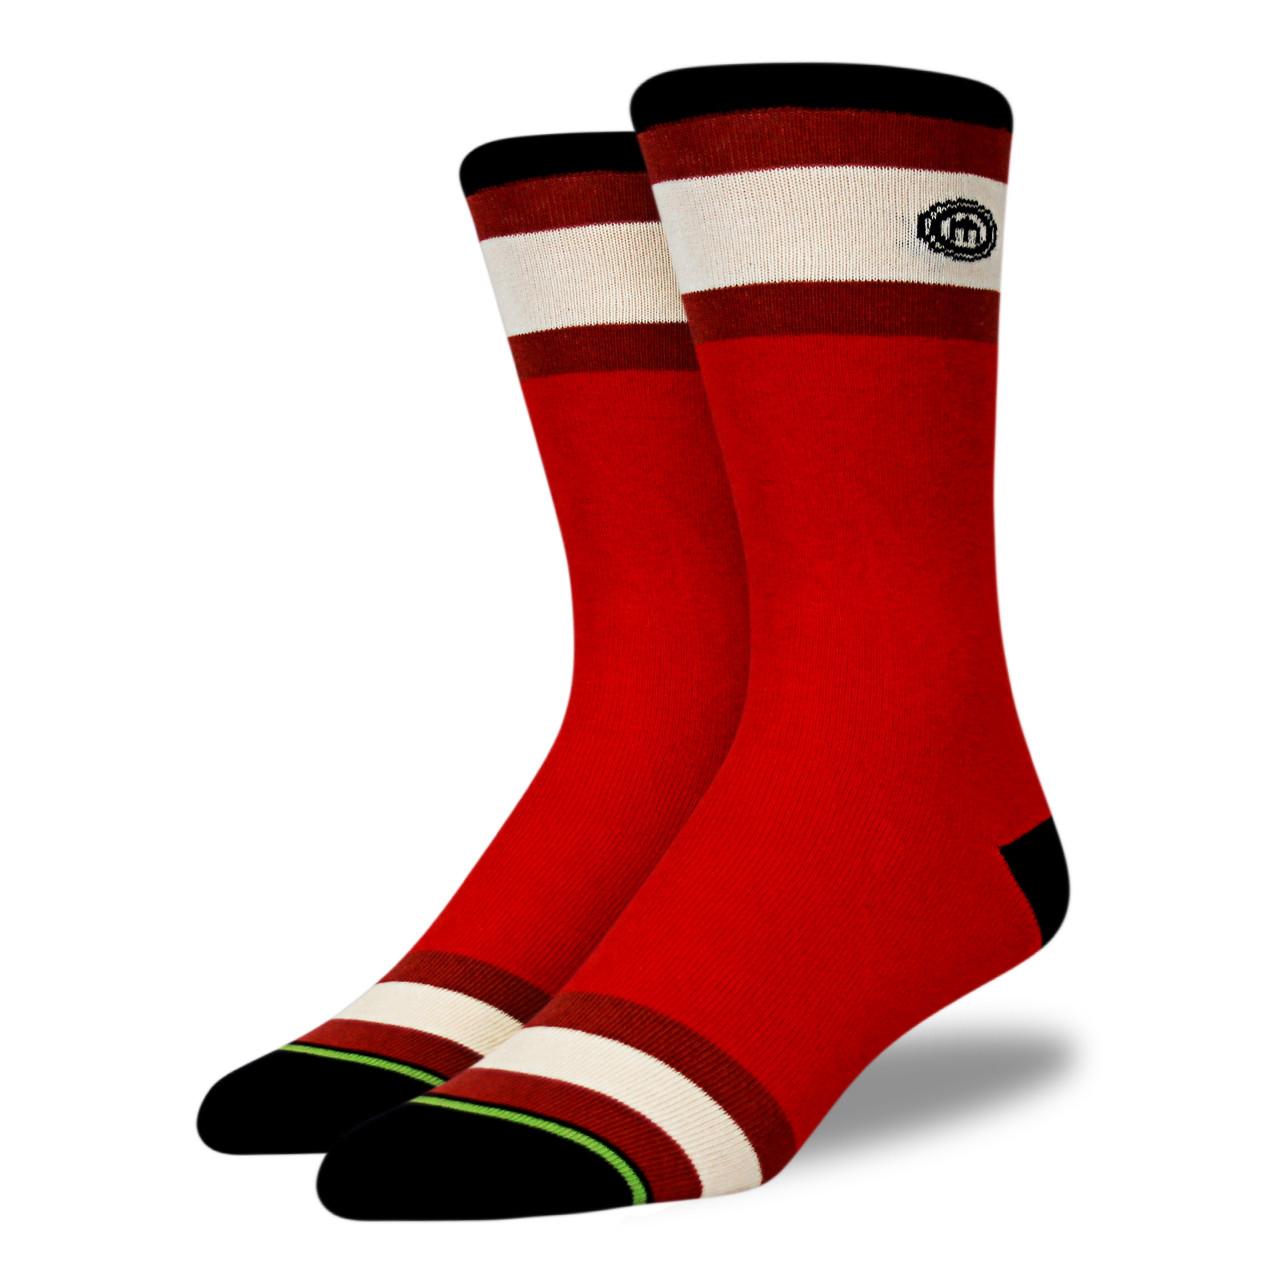 Hipster Socks